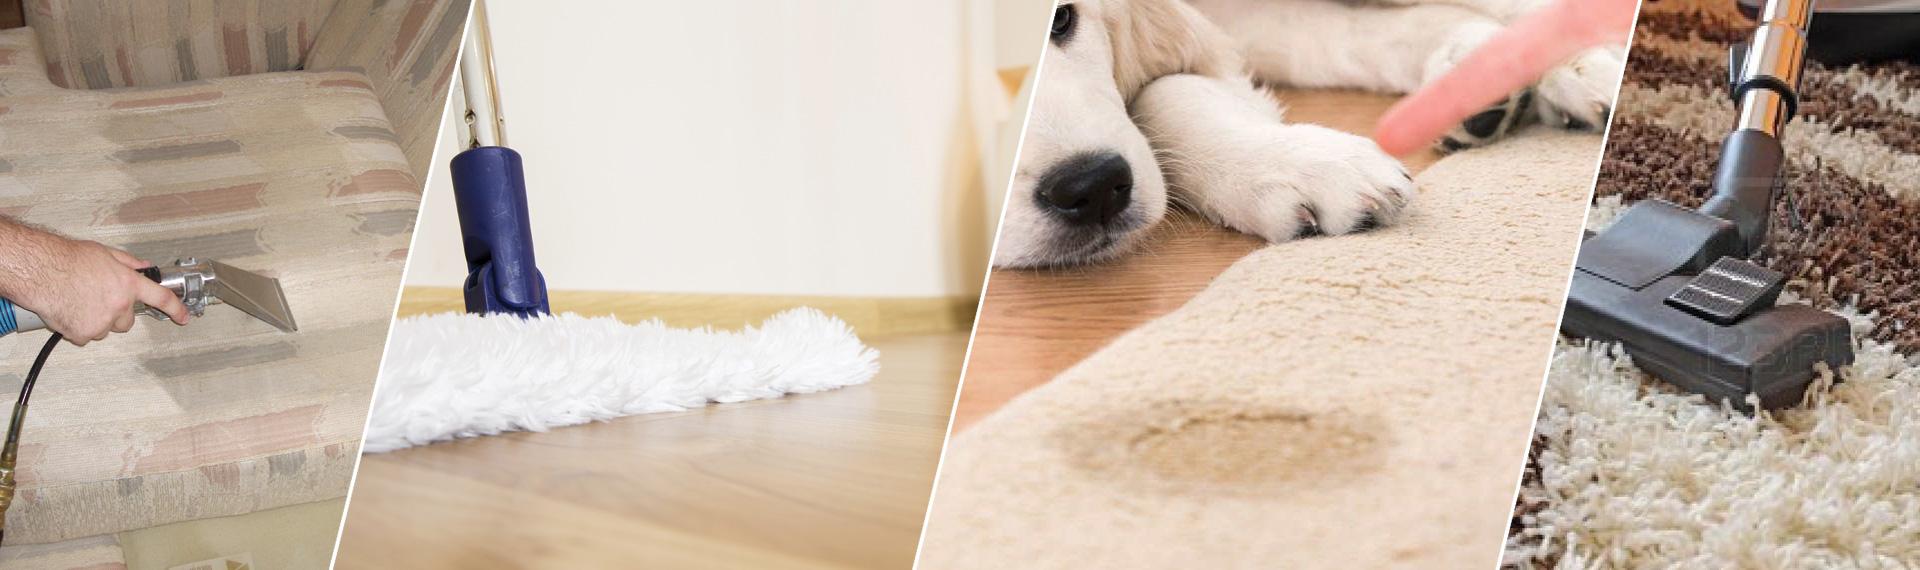 Reliable Carpet Cleaning Topanga CA